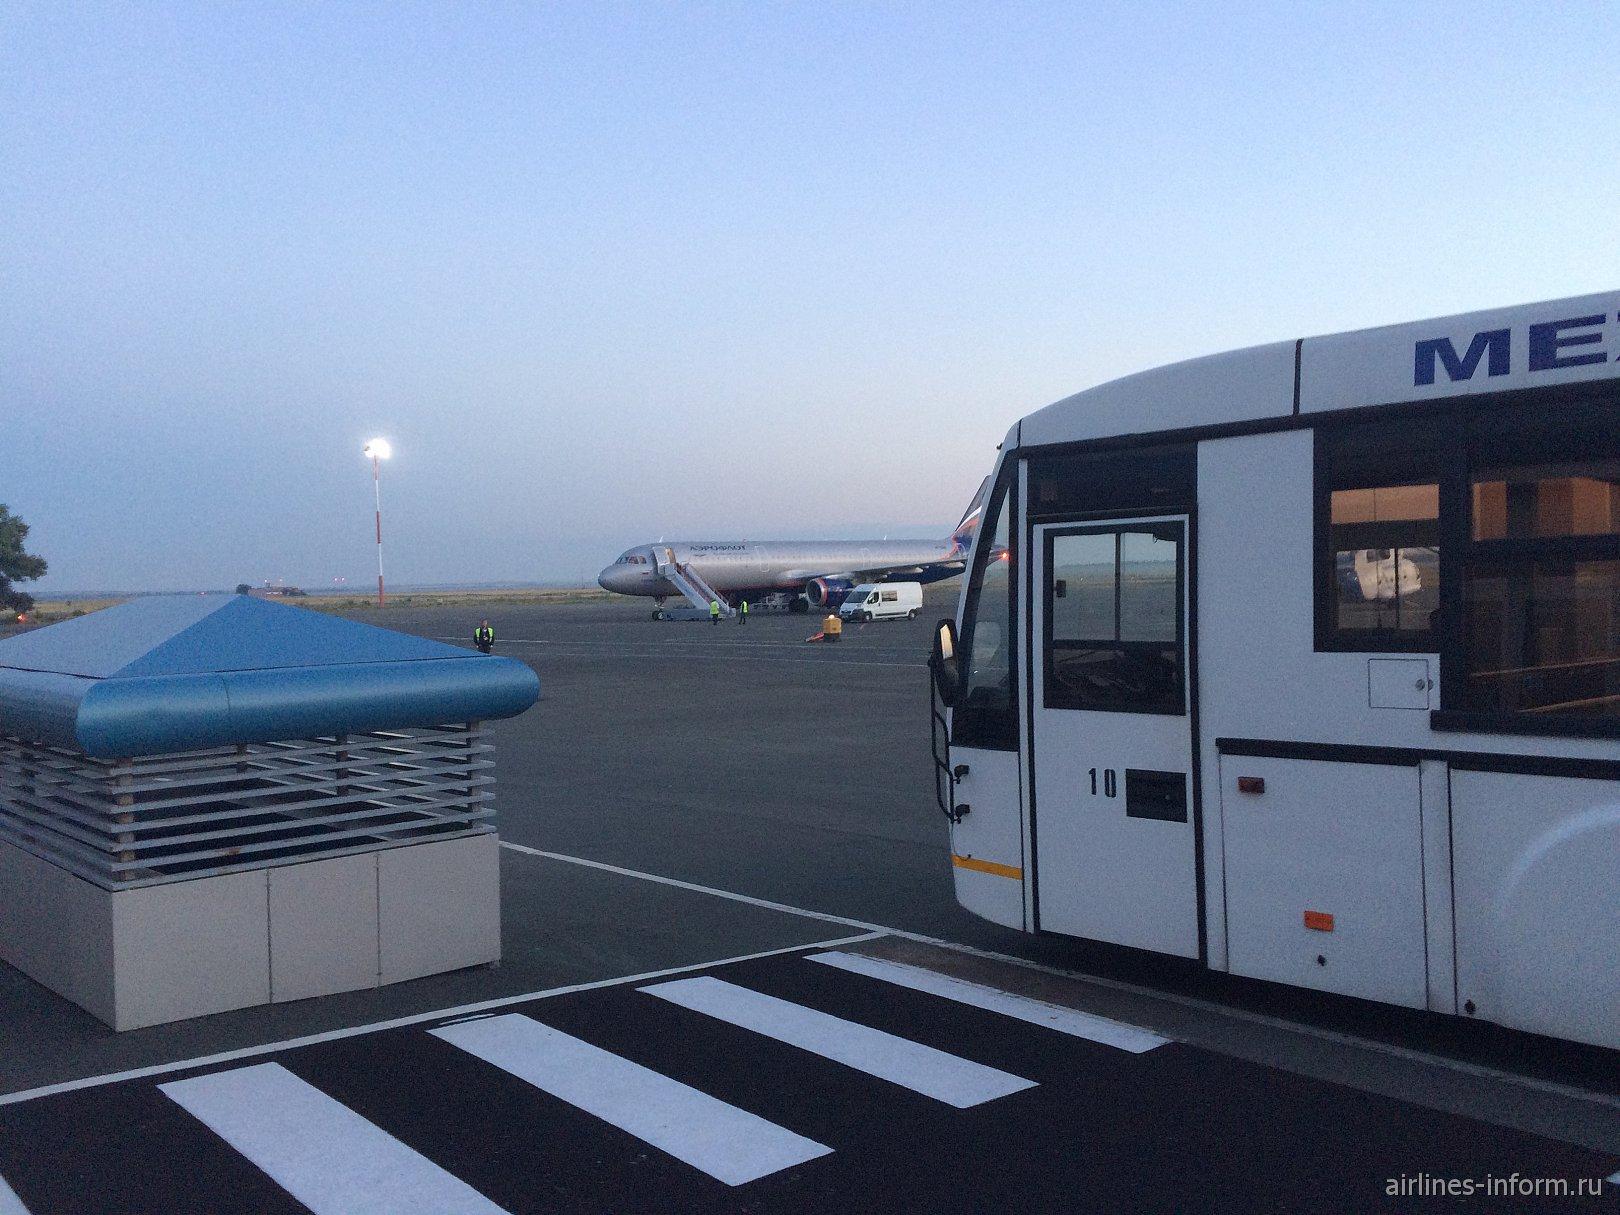 Аэрофлотом из Оренбурга в Москву на А321